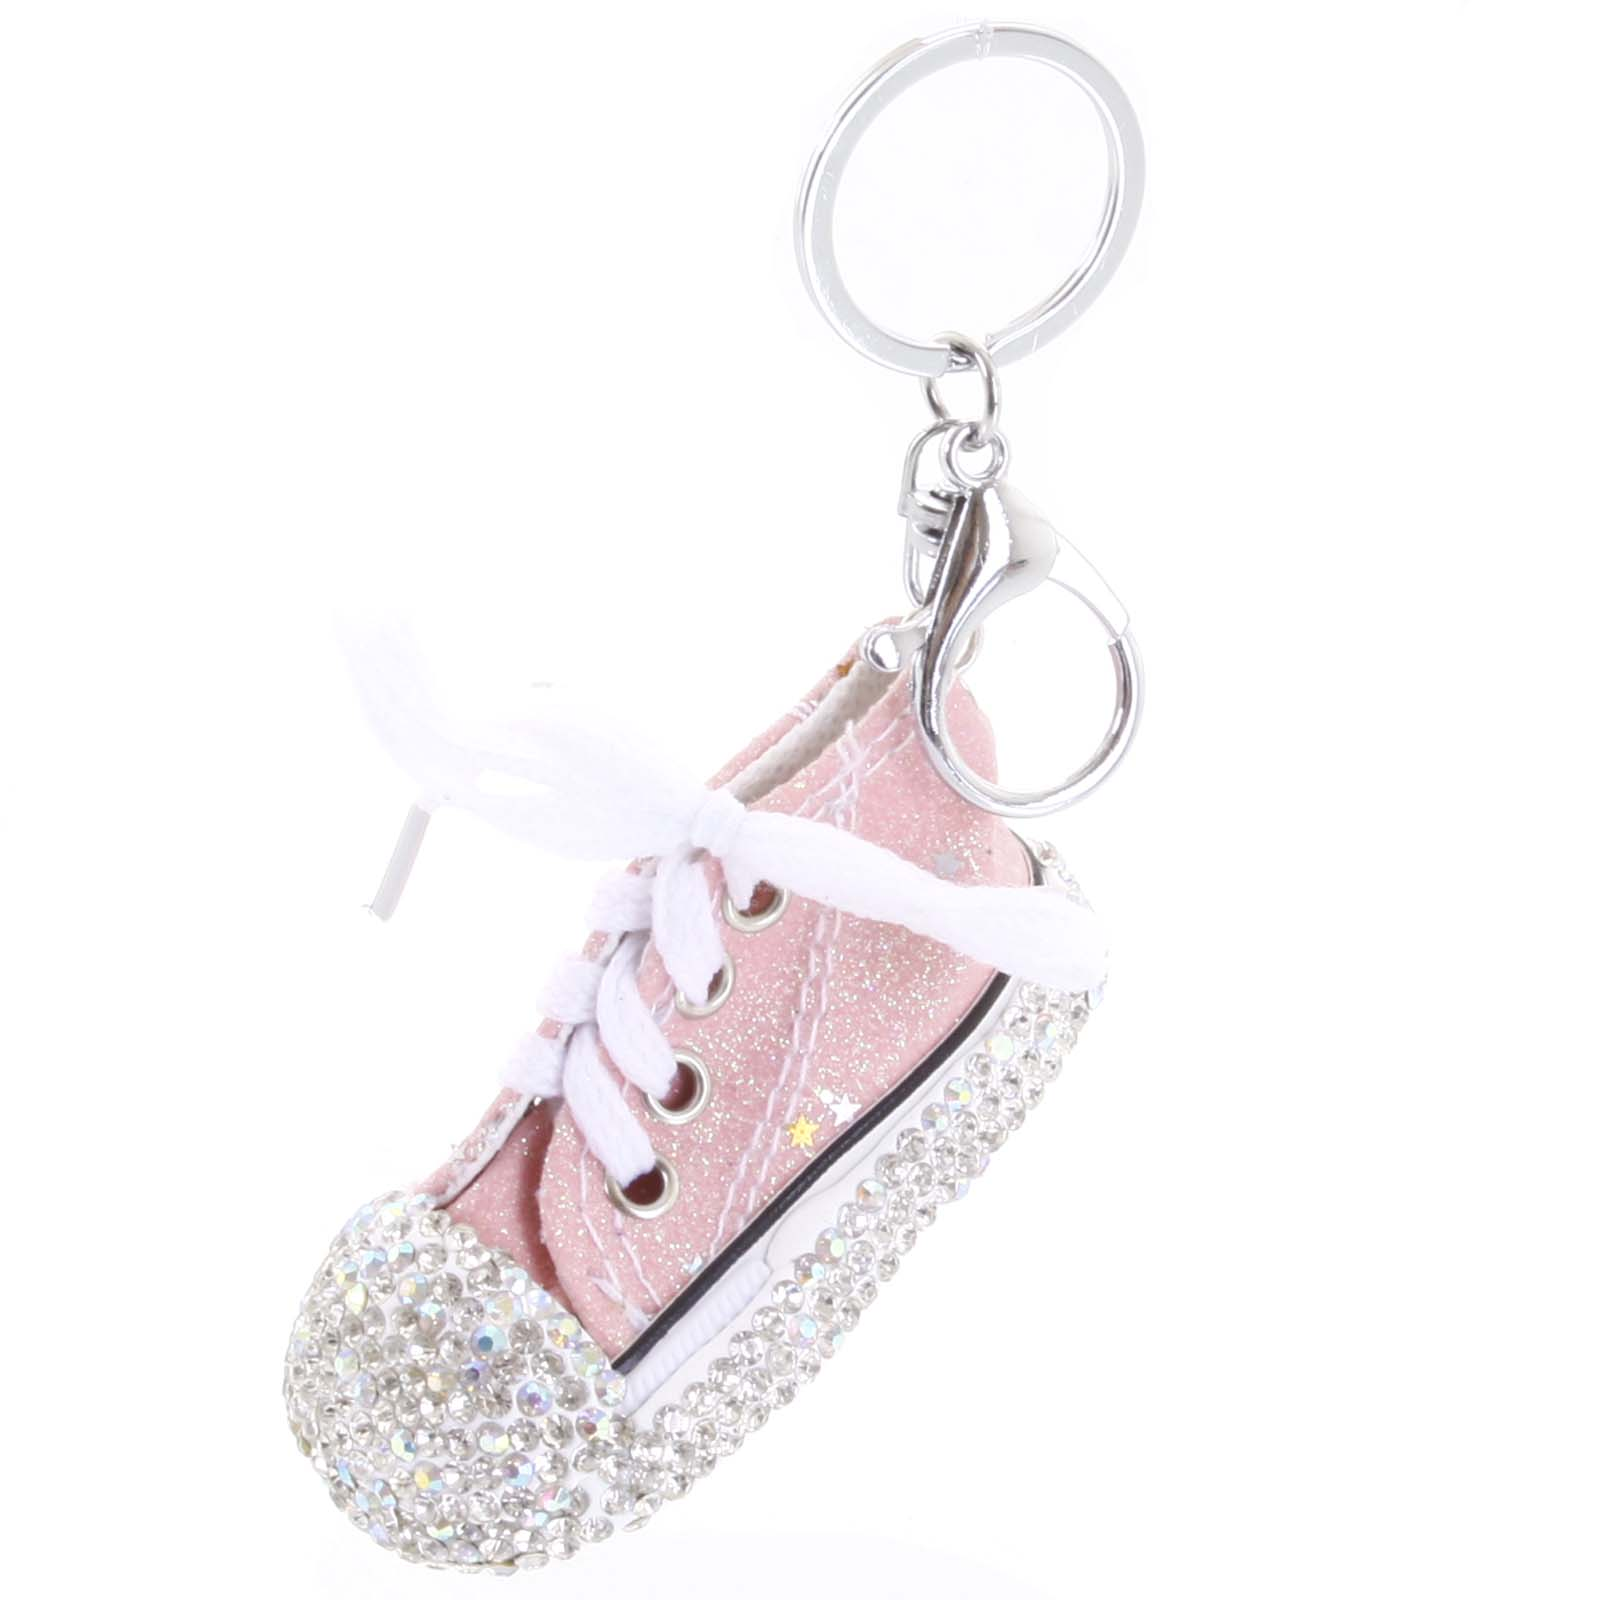 Přívěsek na kabelku růžový - teniska